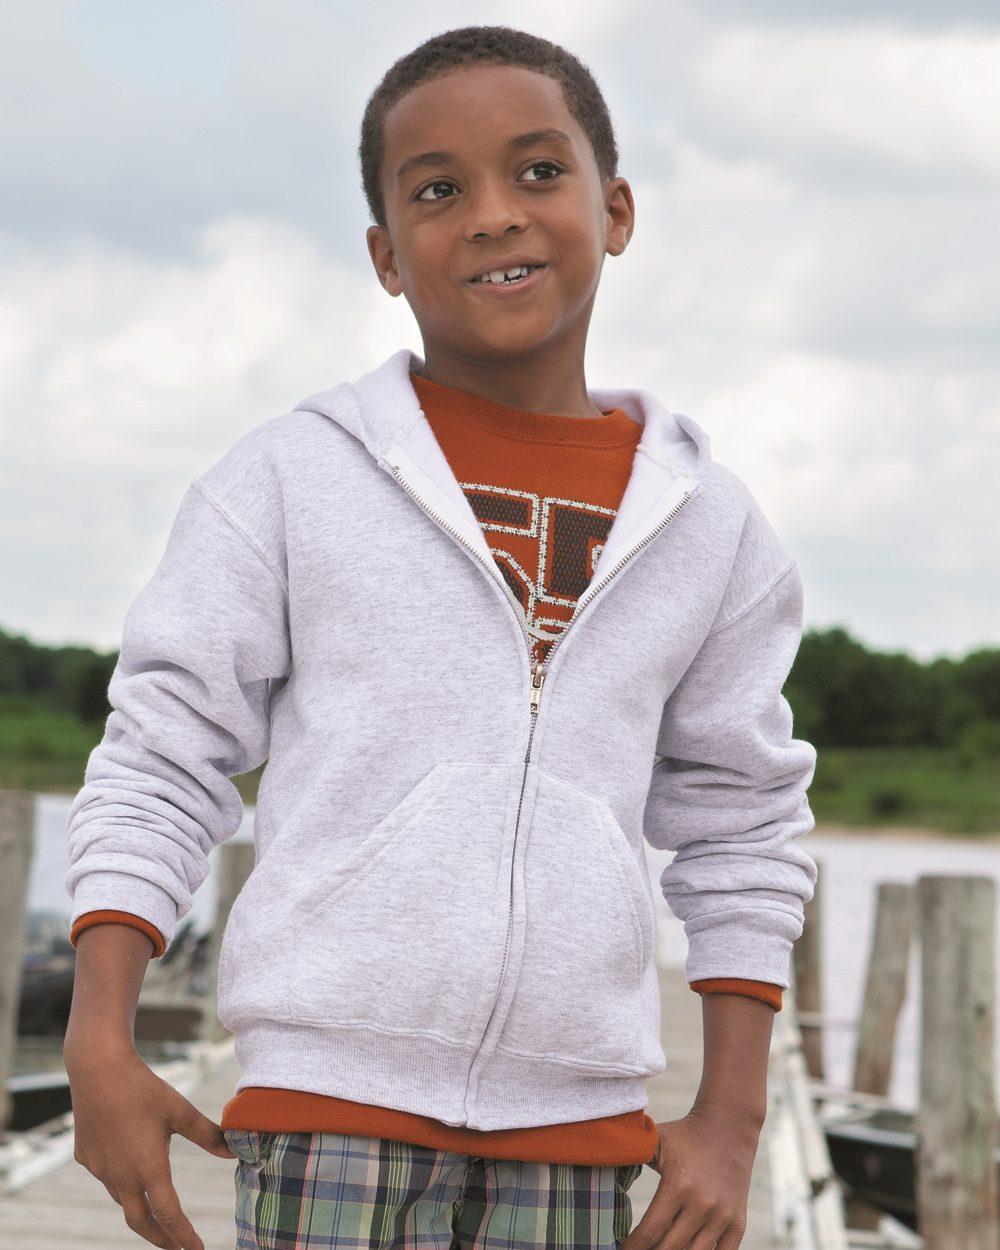 JERZEES 993BR - NuBlend Youth Full-Zip Hooded Sweatshirt